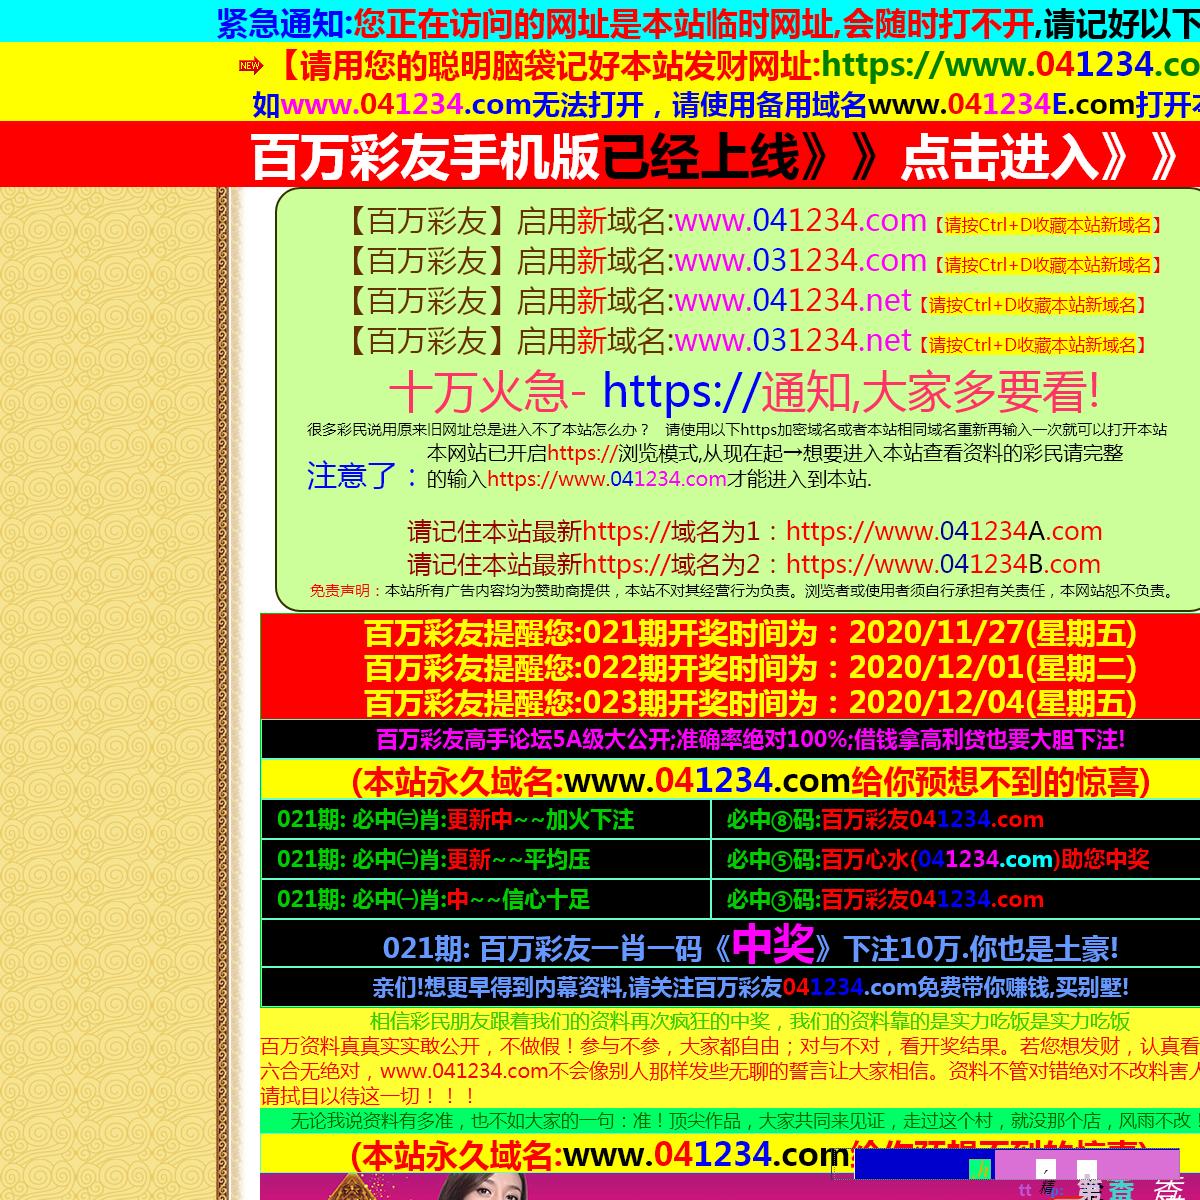 香港开奖现场直播结果,2954财之道开奖记录2020,香港六盒开奖结果直播网,www.lh66e.com,www.12445.com